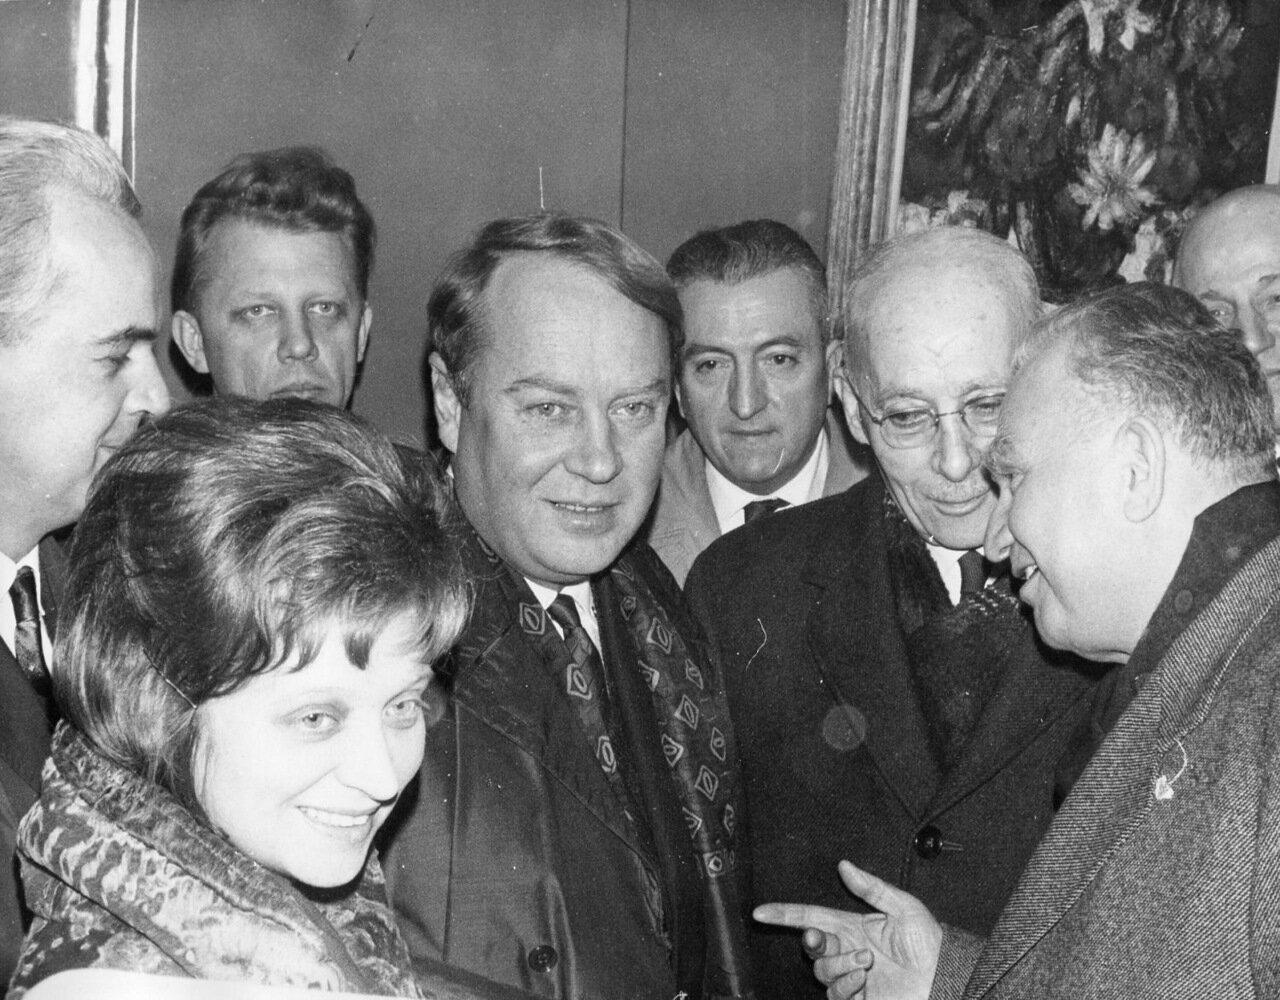 1964. Зять Хрущева Аджубей во время встречи в рамках заседания общества советско-французской дружбы